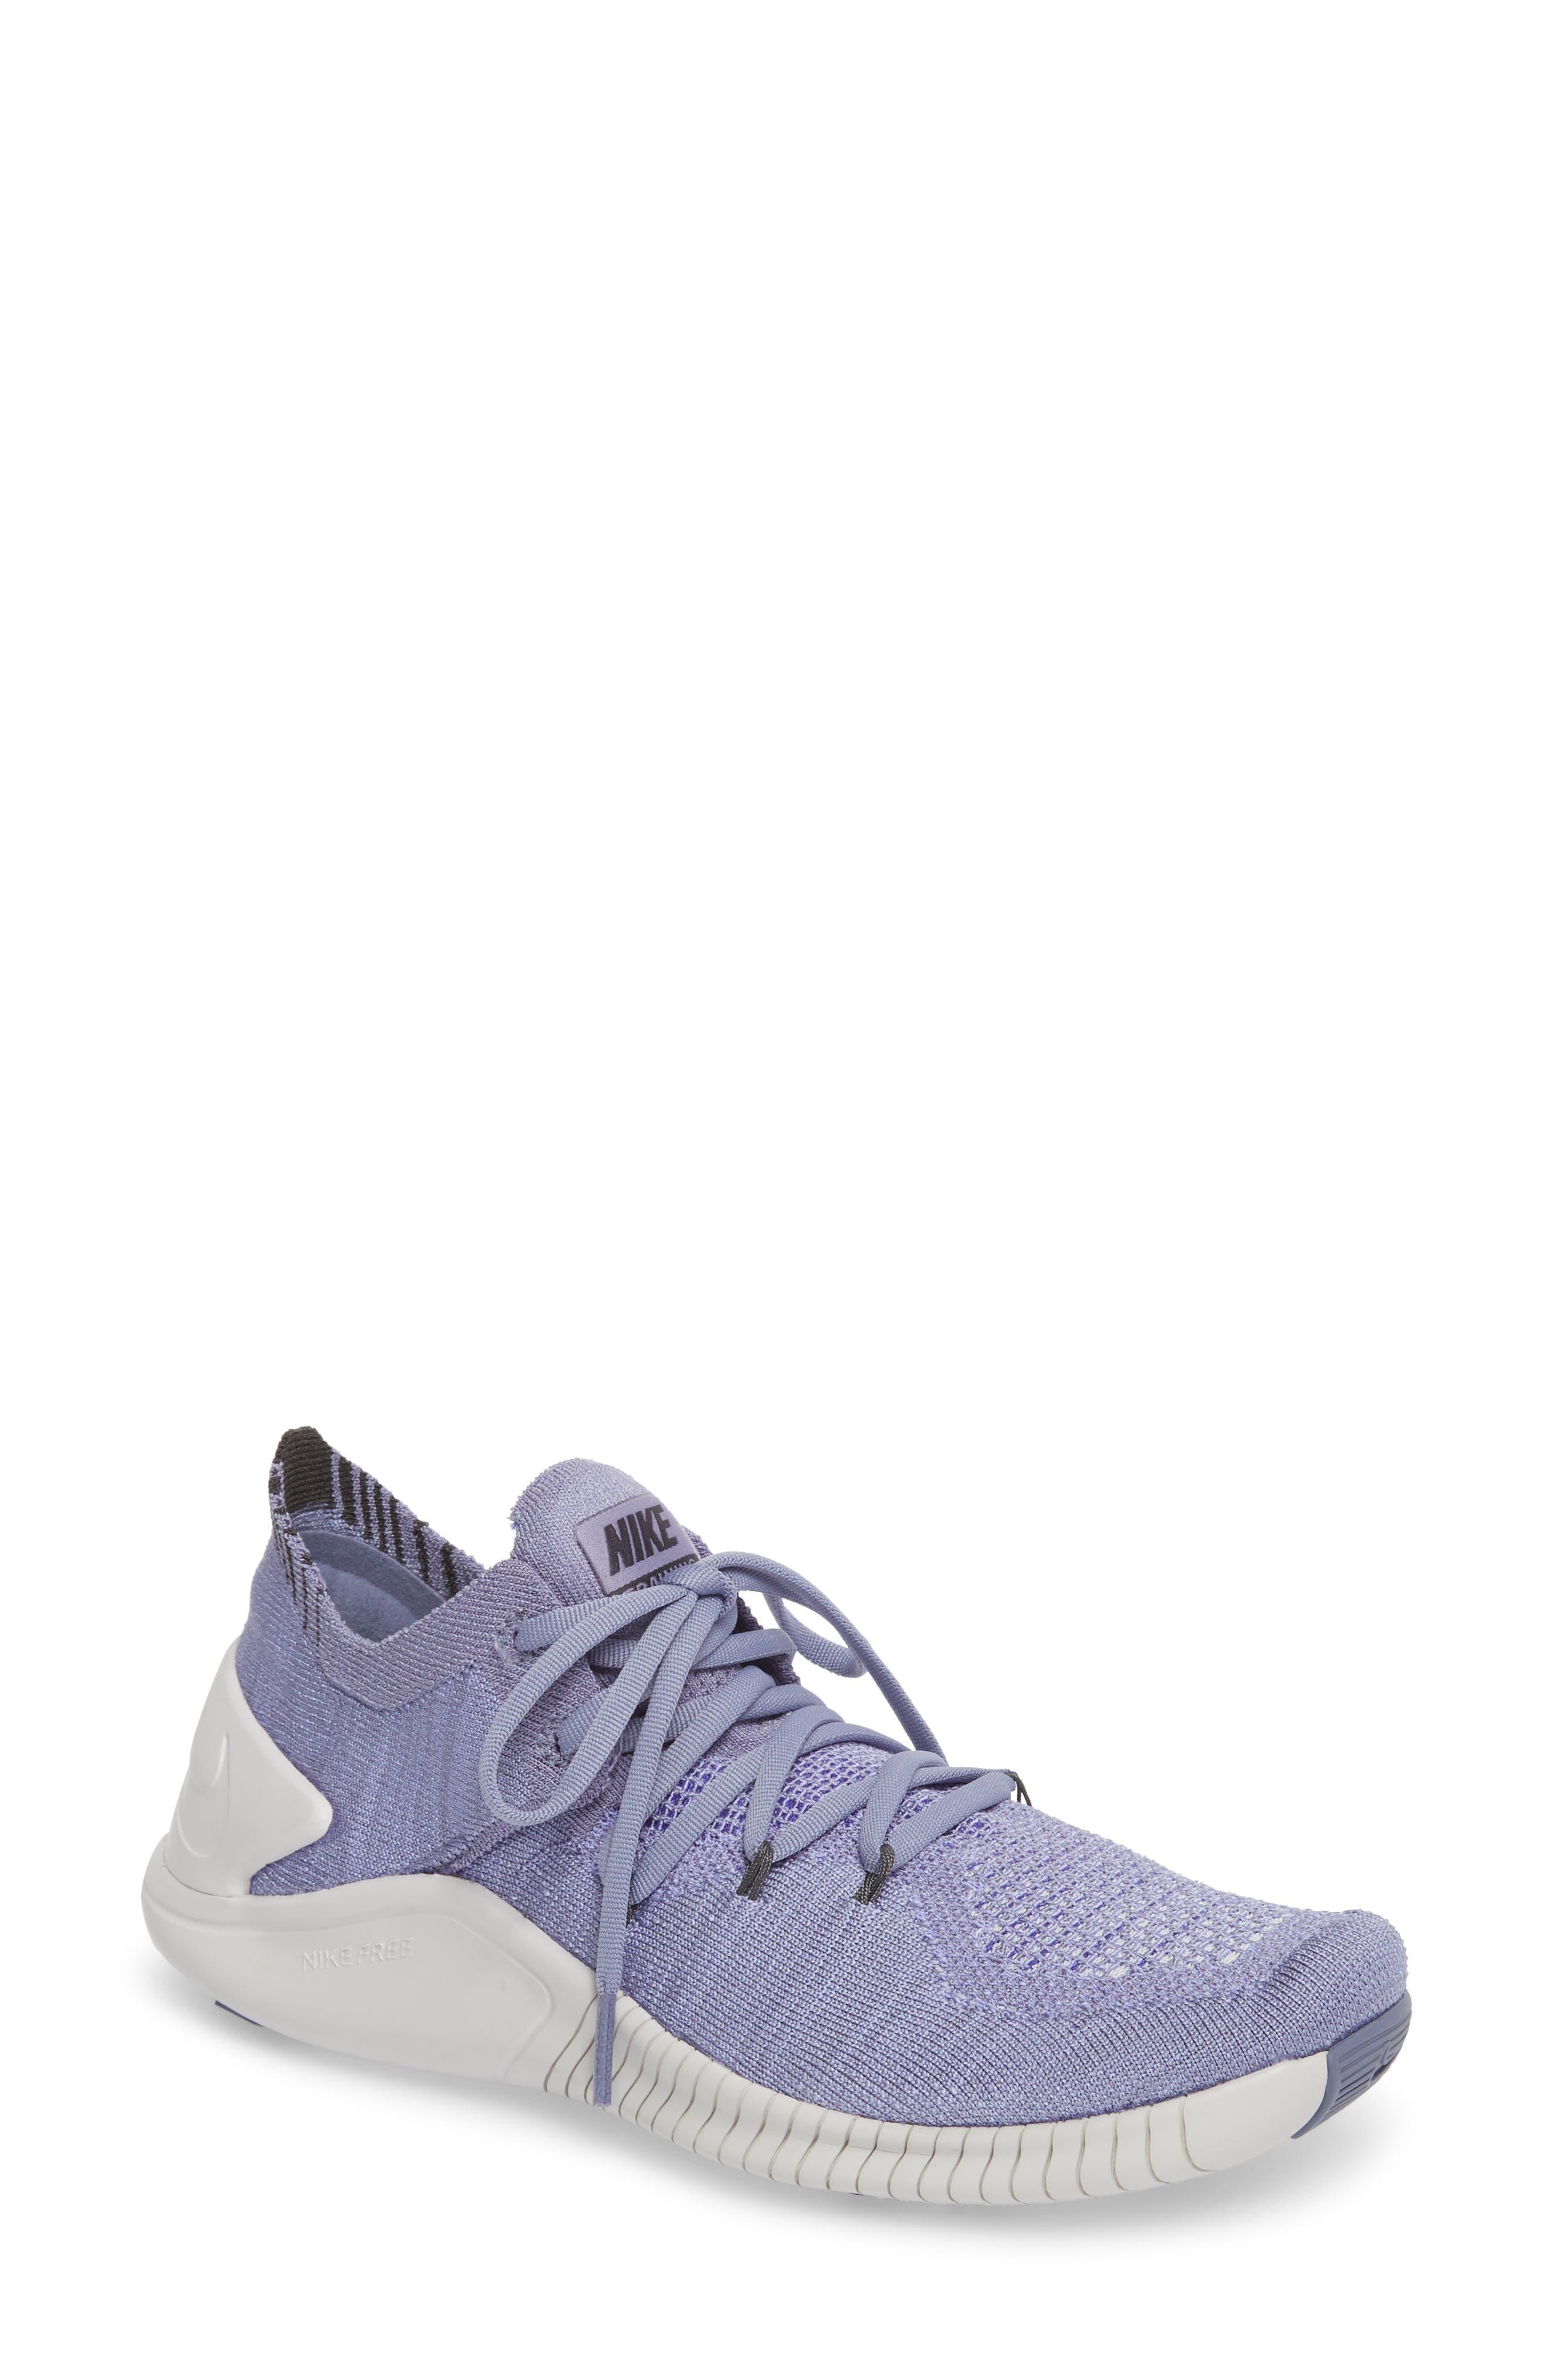 Nike Free TR Flyknit 3 Training Shoe (Women)